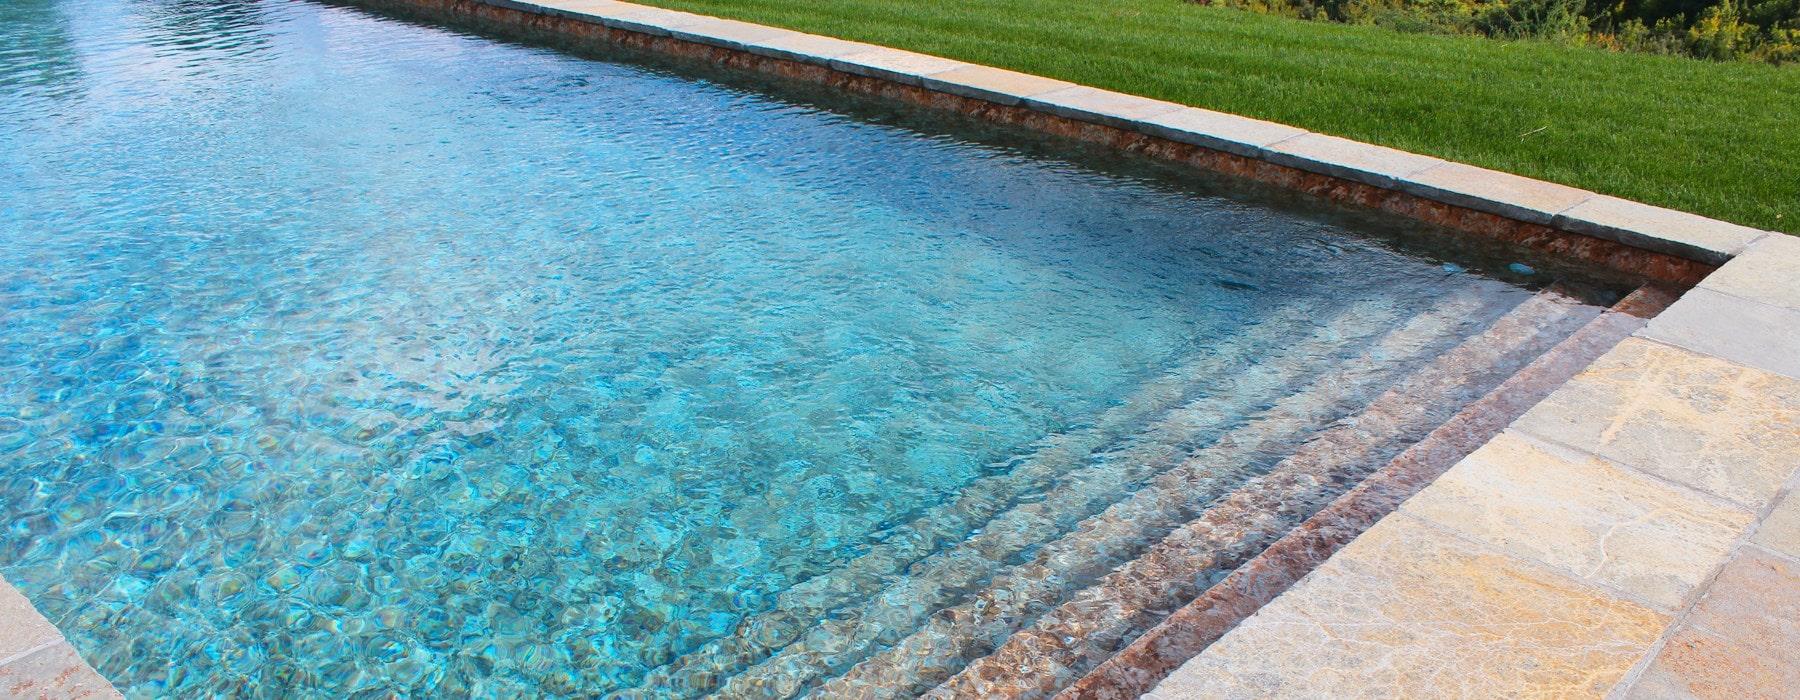 Preventivi Piscine Interrate.Realizzazione Piscine Interrate In Toscana Garden Pool